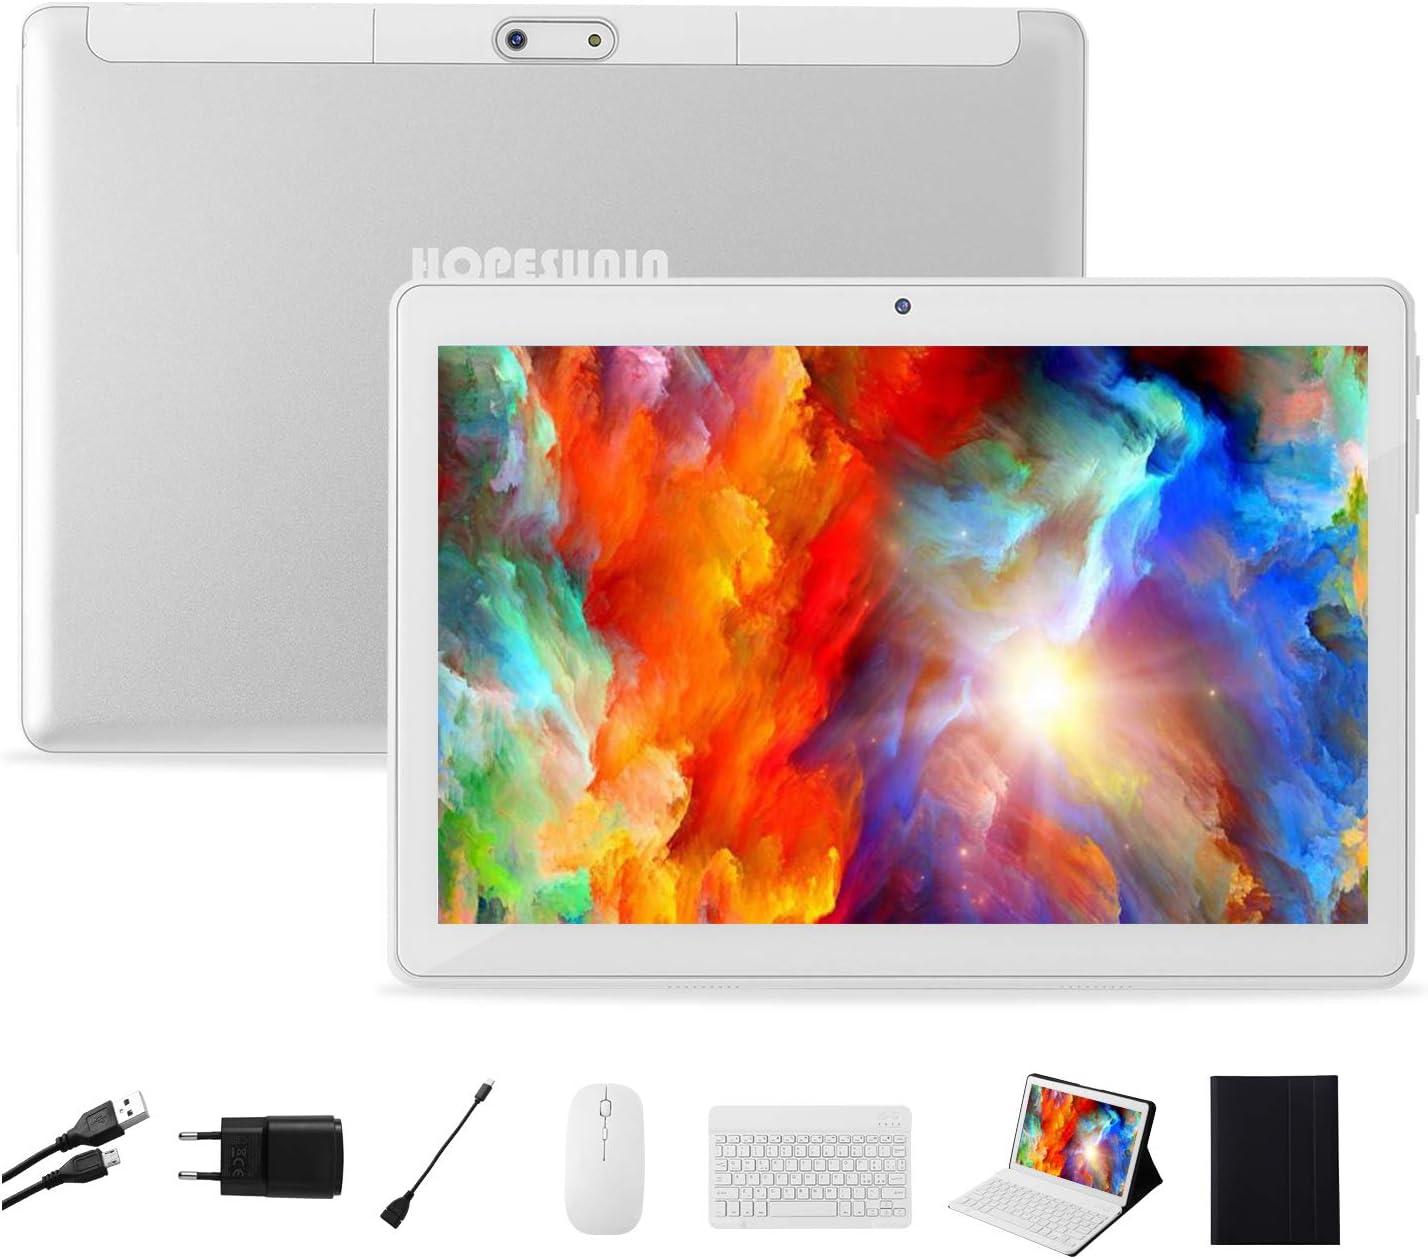 HOPESUNIN Tableta Android de 10.1 Pulgadas con Sistema operativo Android 9 Pie, 4GB RAM + 64GB ROM-certificación gsm de Google, Tableta ultradelgada de 8000mAh / 5MP + 8MP / Type-C(White)